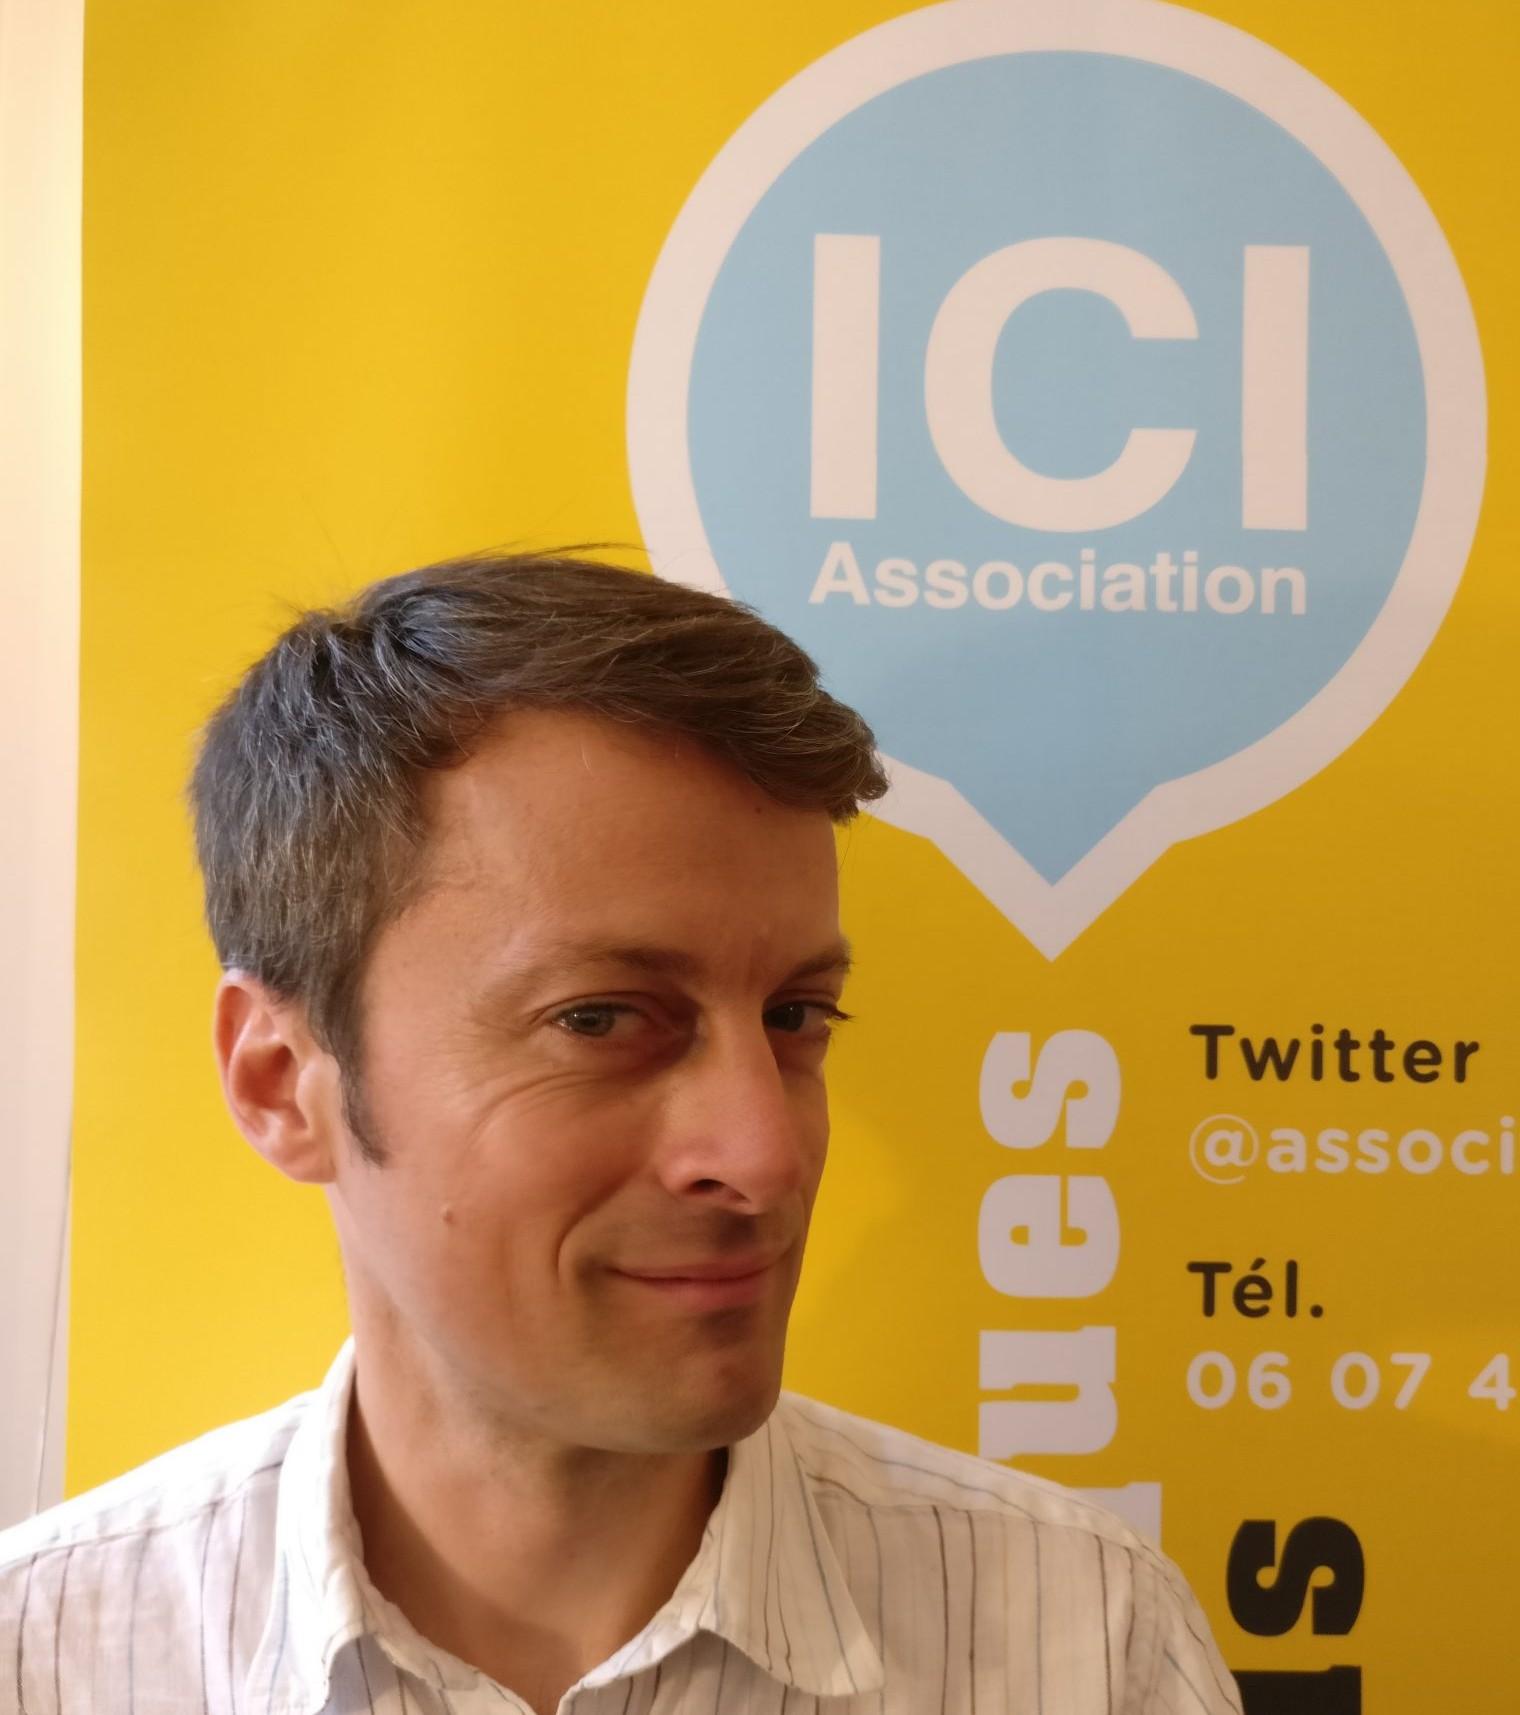 Innovons pour la Citoyenneté sur Internet (ICI) Association